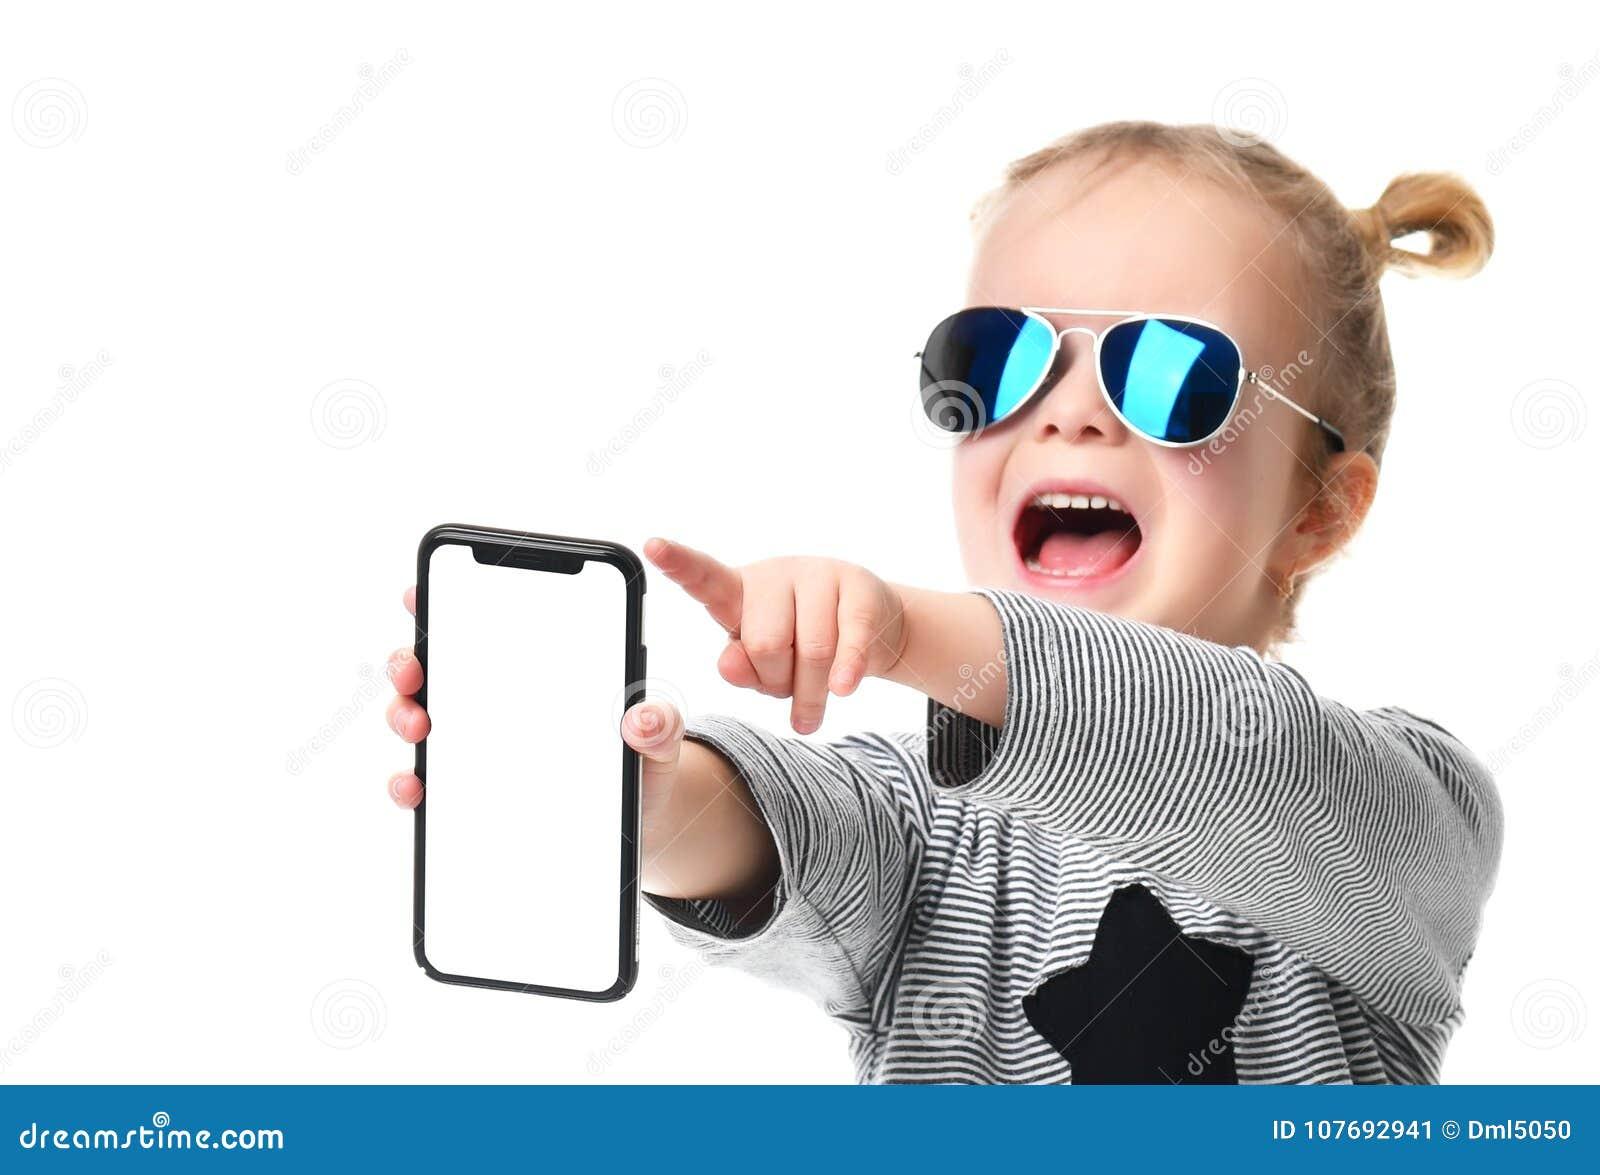 677843ae00 Niño de la niña en las gafas de sol tipo aviador azules que muestran la  pantalla